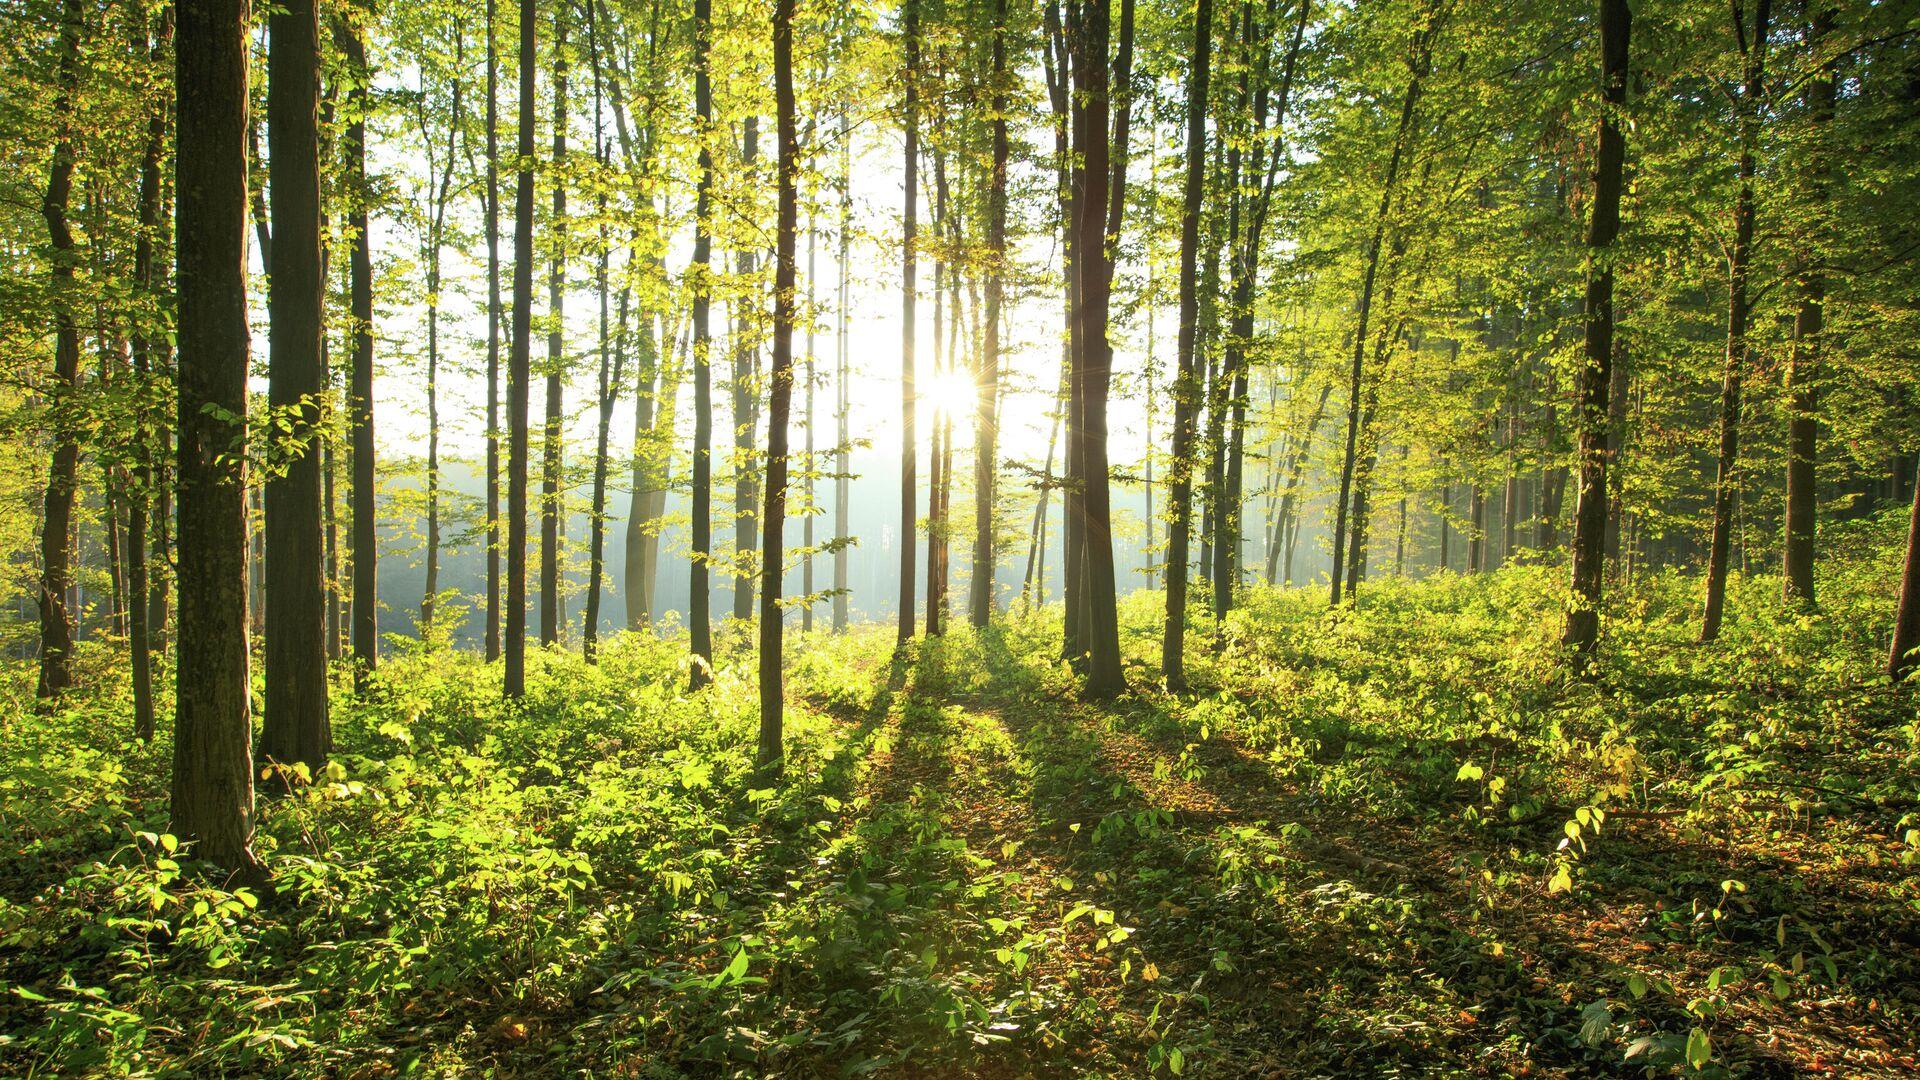 Ученые ведут исследование для создания леса нового поколения